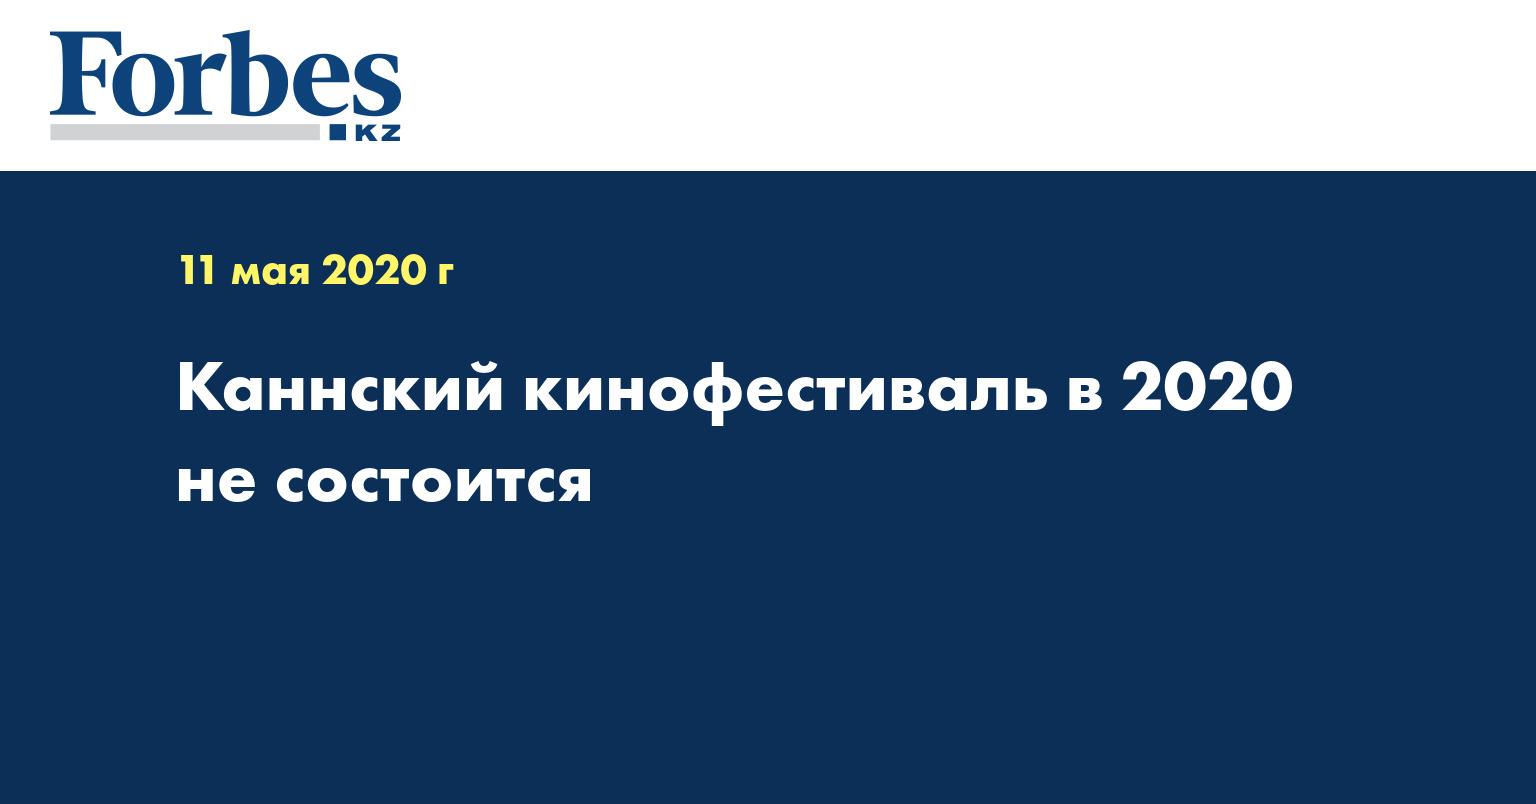 Каннский кинофестиваль в 2020 не состоится